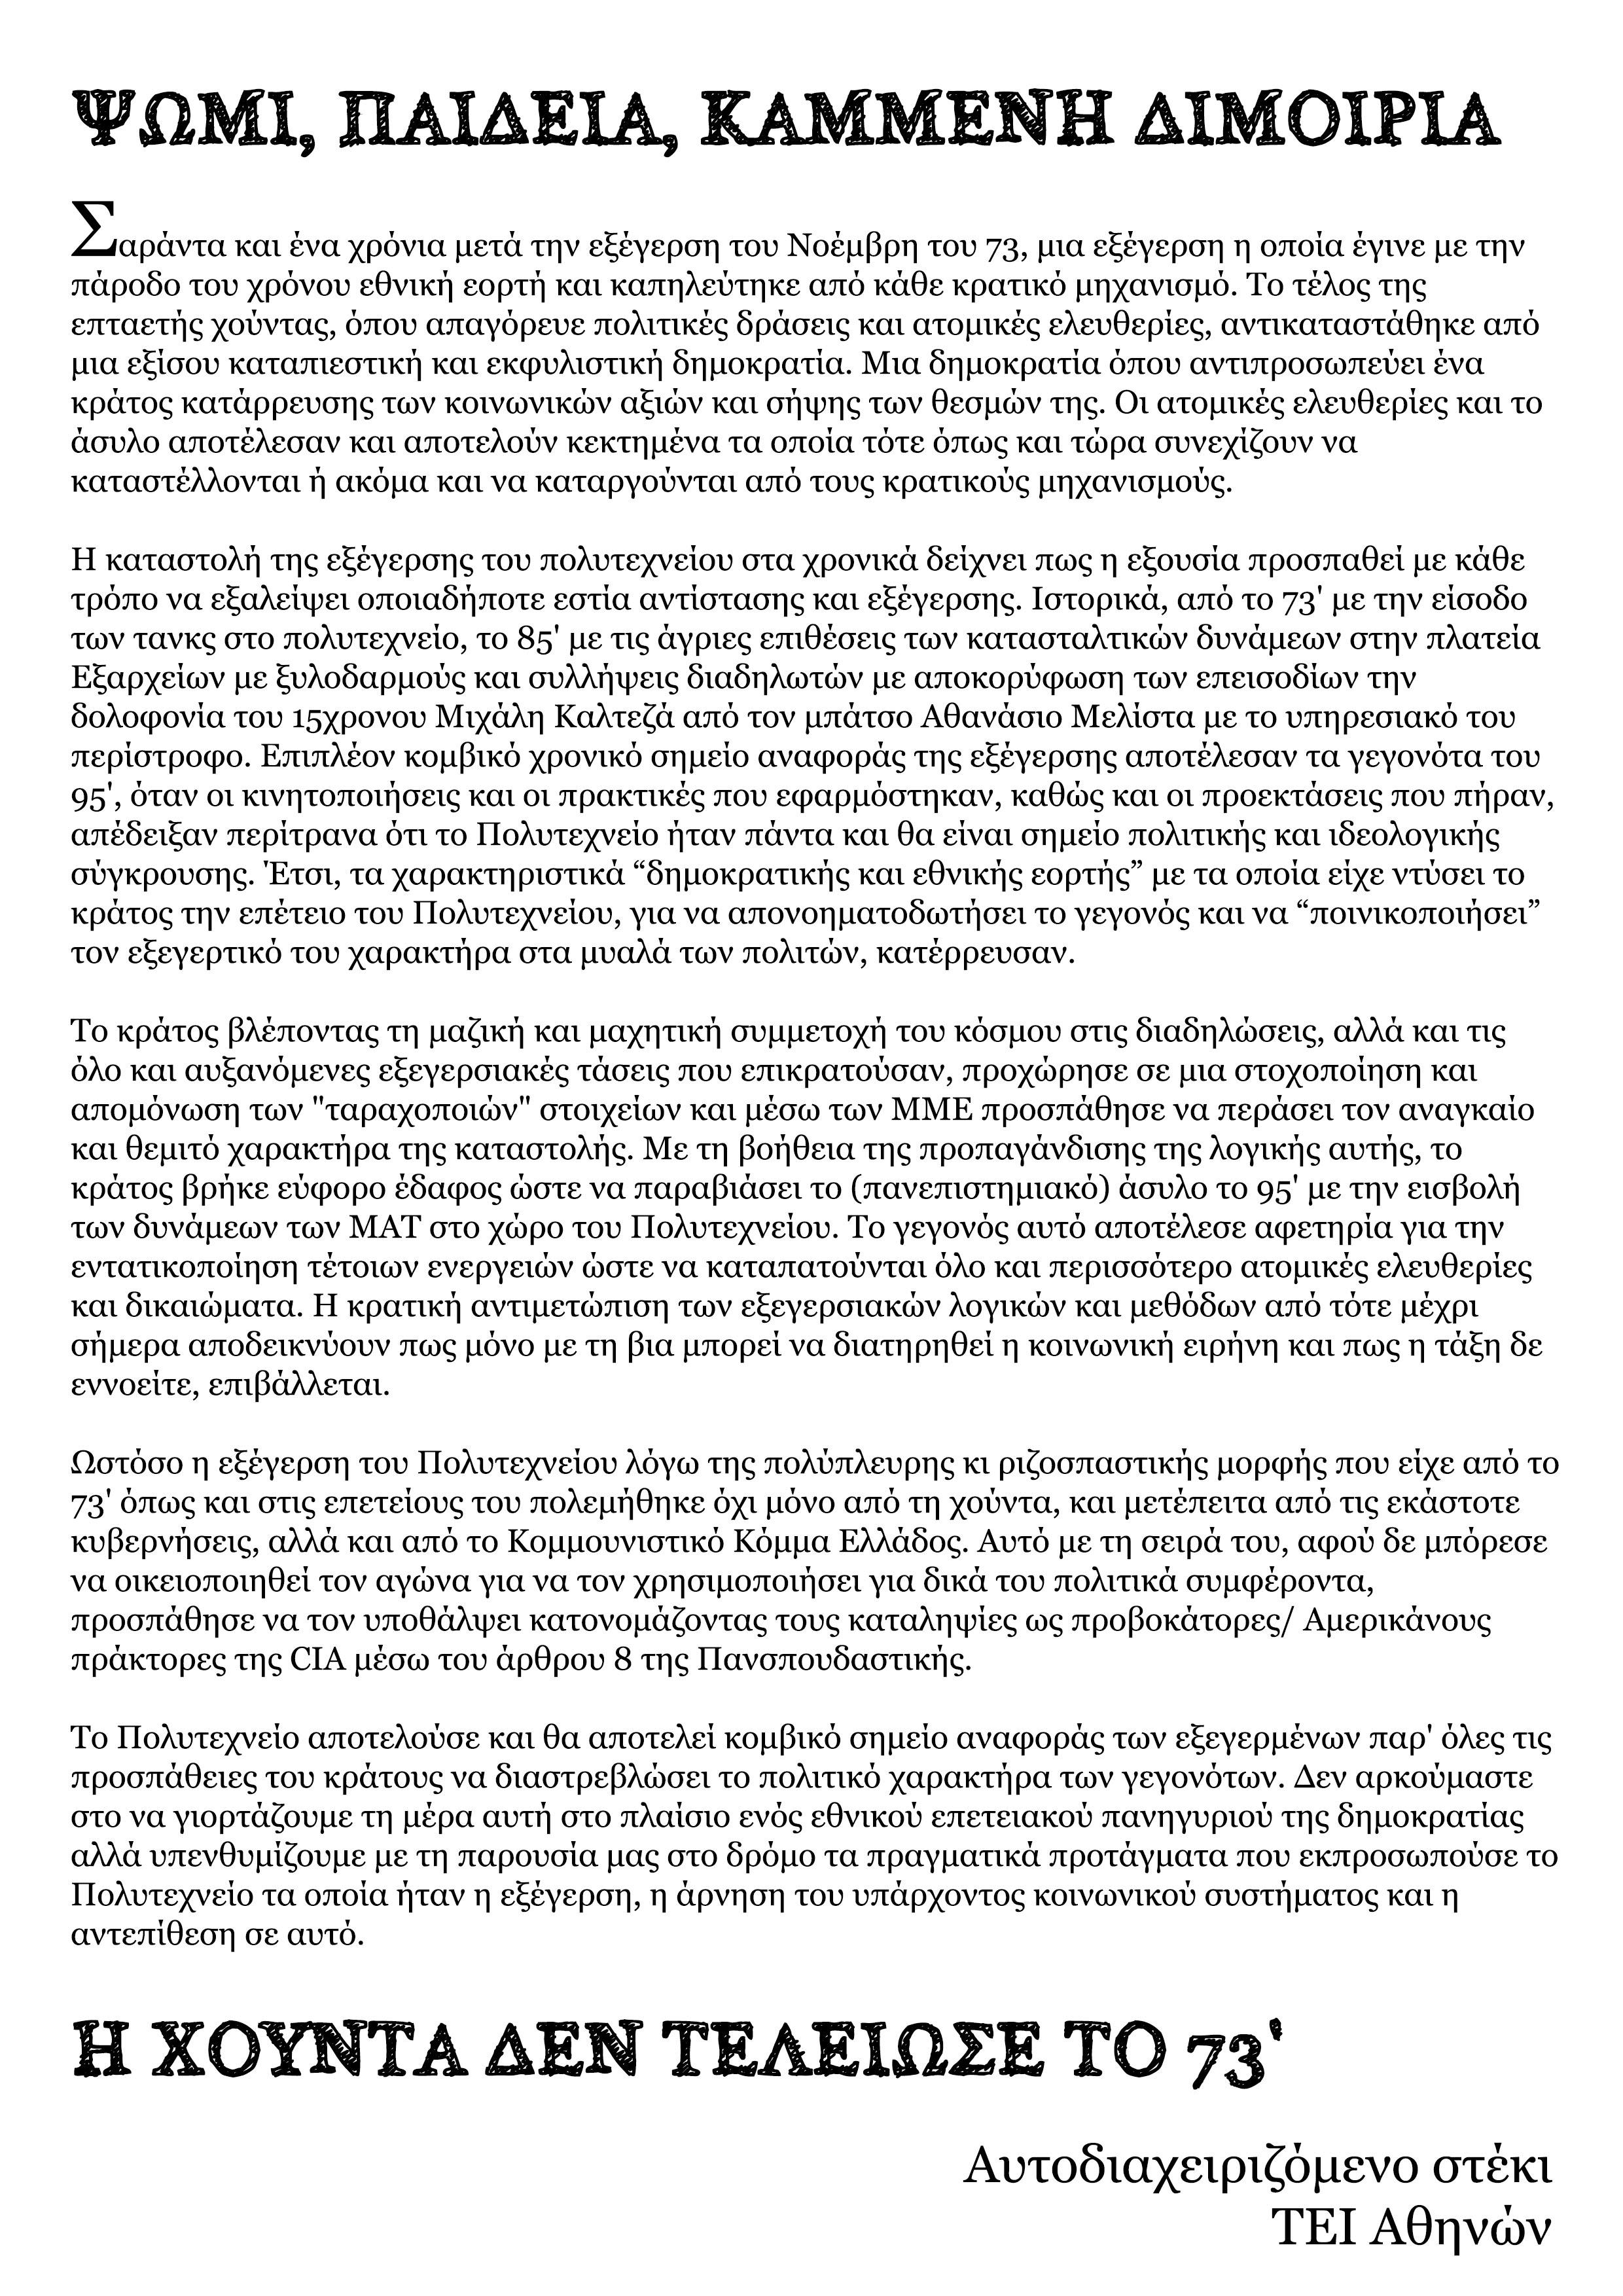 Αυτοδιαχειριζόμενο Στέκι ΤΕΙ Αθηνών 2014-01